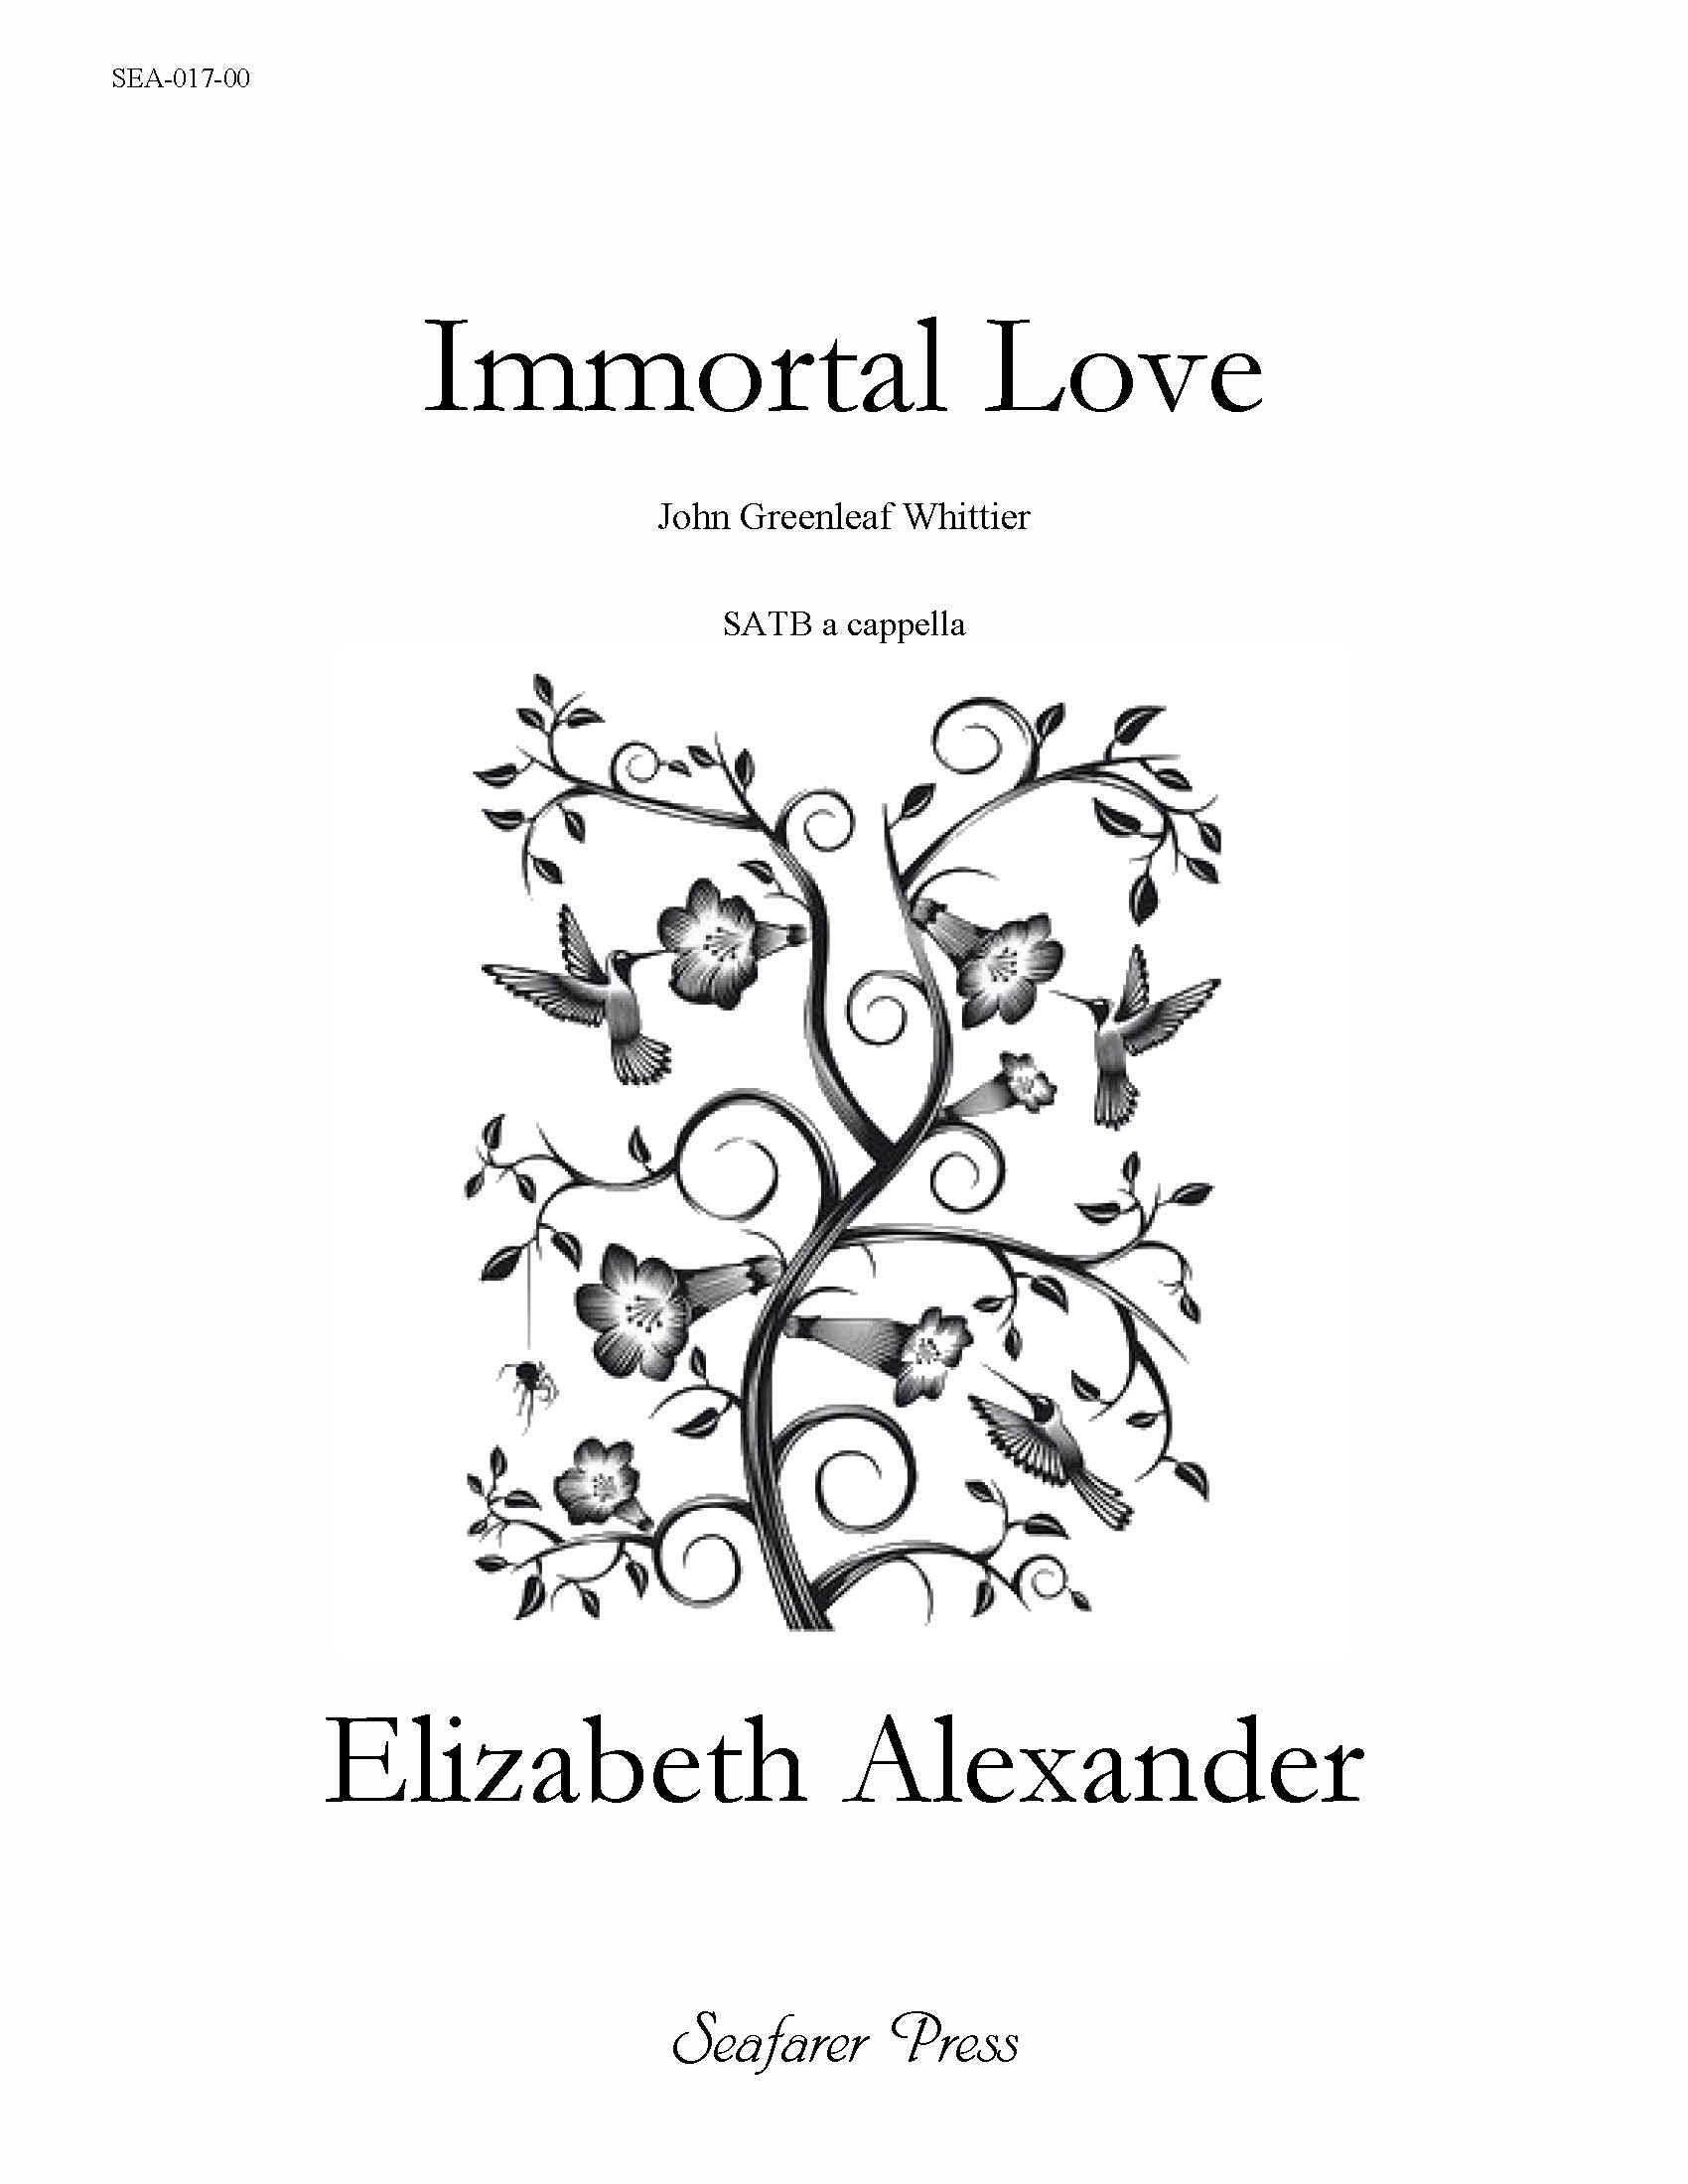 SEA-017-00 - Immortal Love